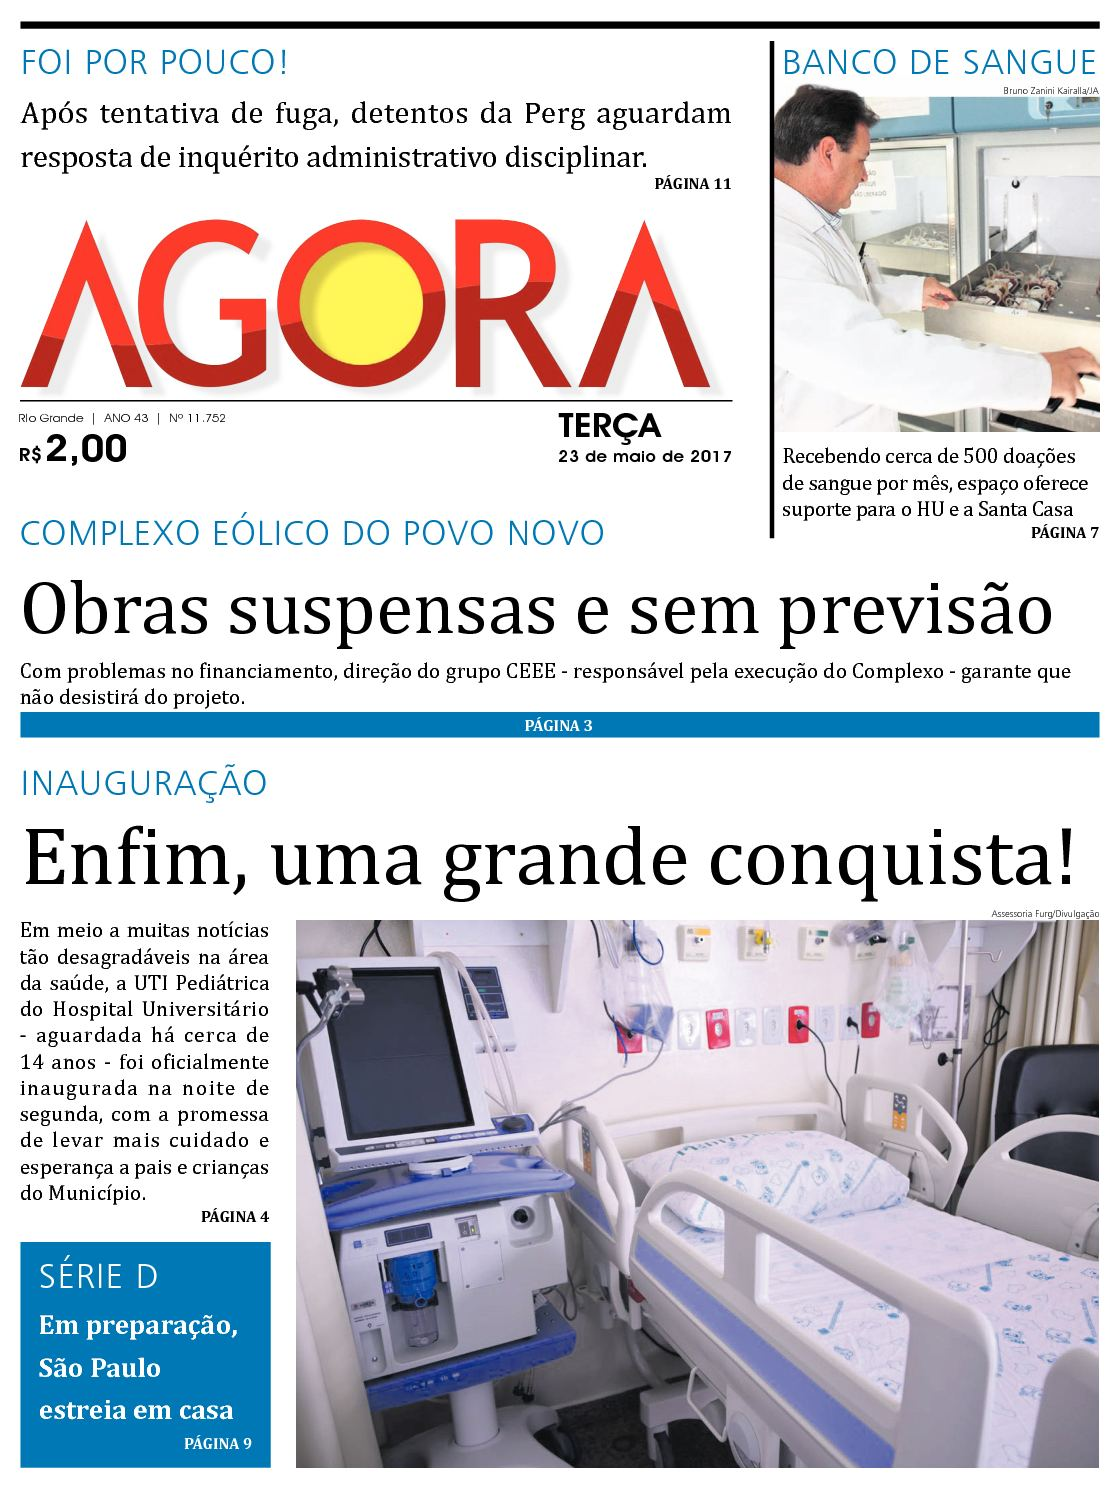 381ad8bd0e6 Calaméo - Jornal Agora - Edição 11752 - 23 de Maio de 2017